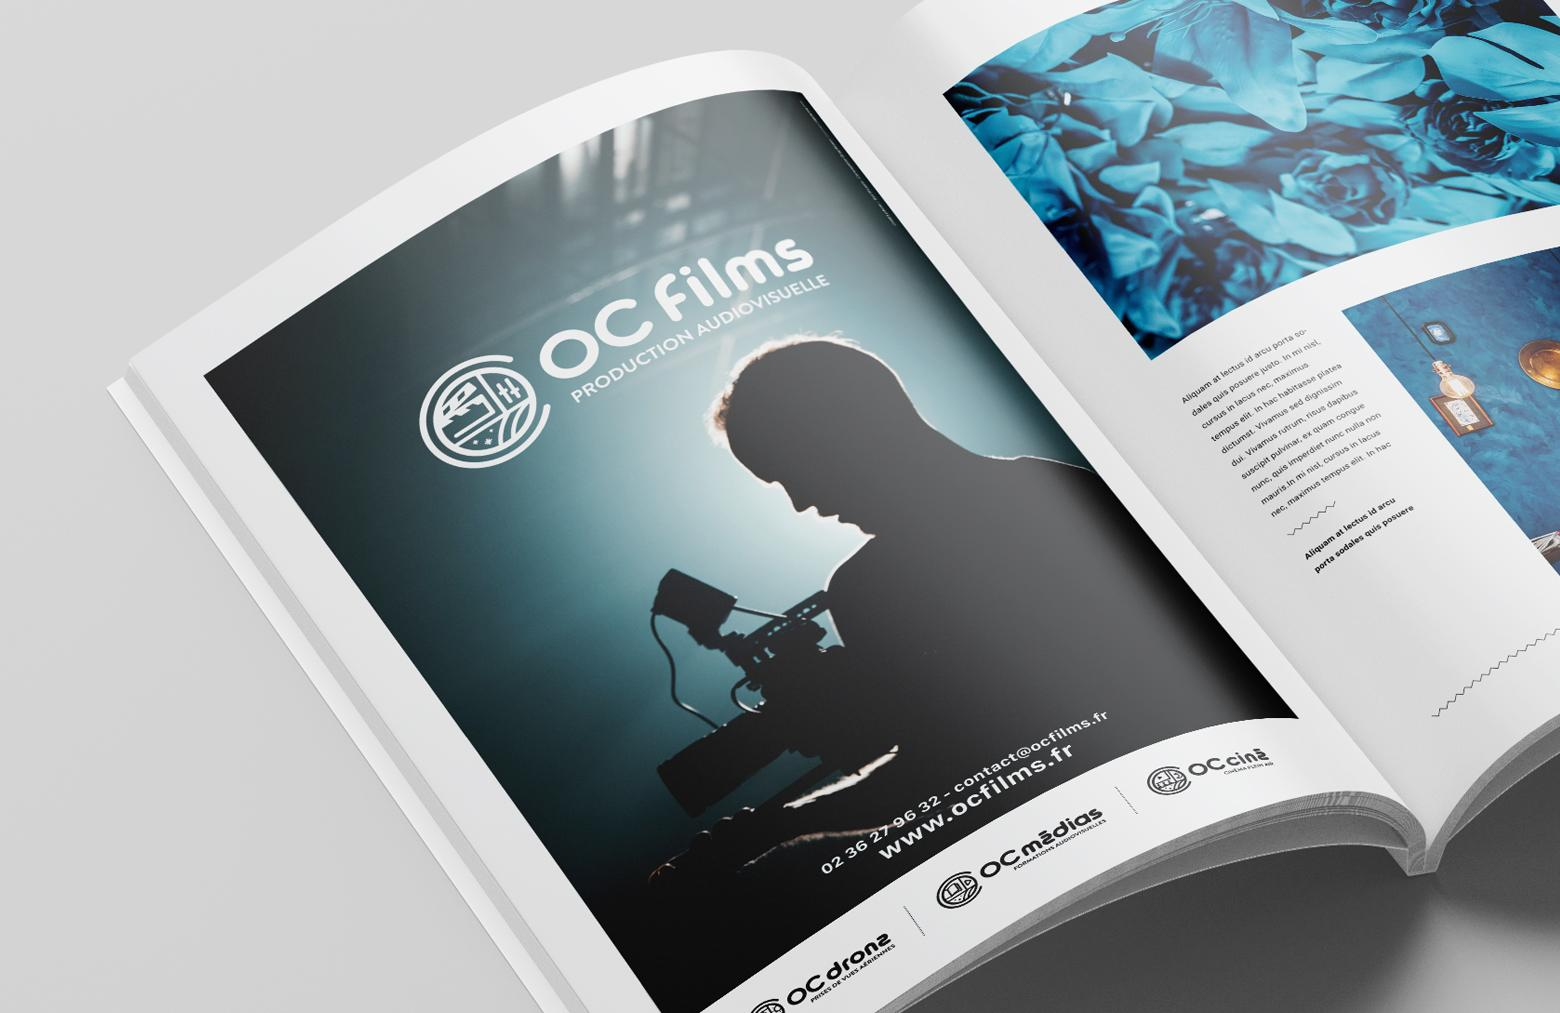 Insertion OC films